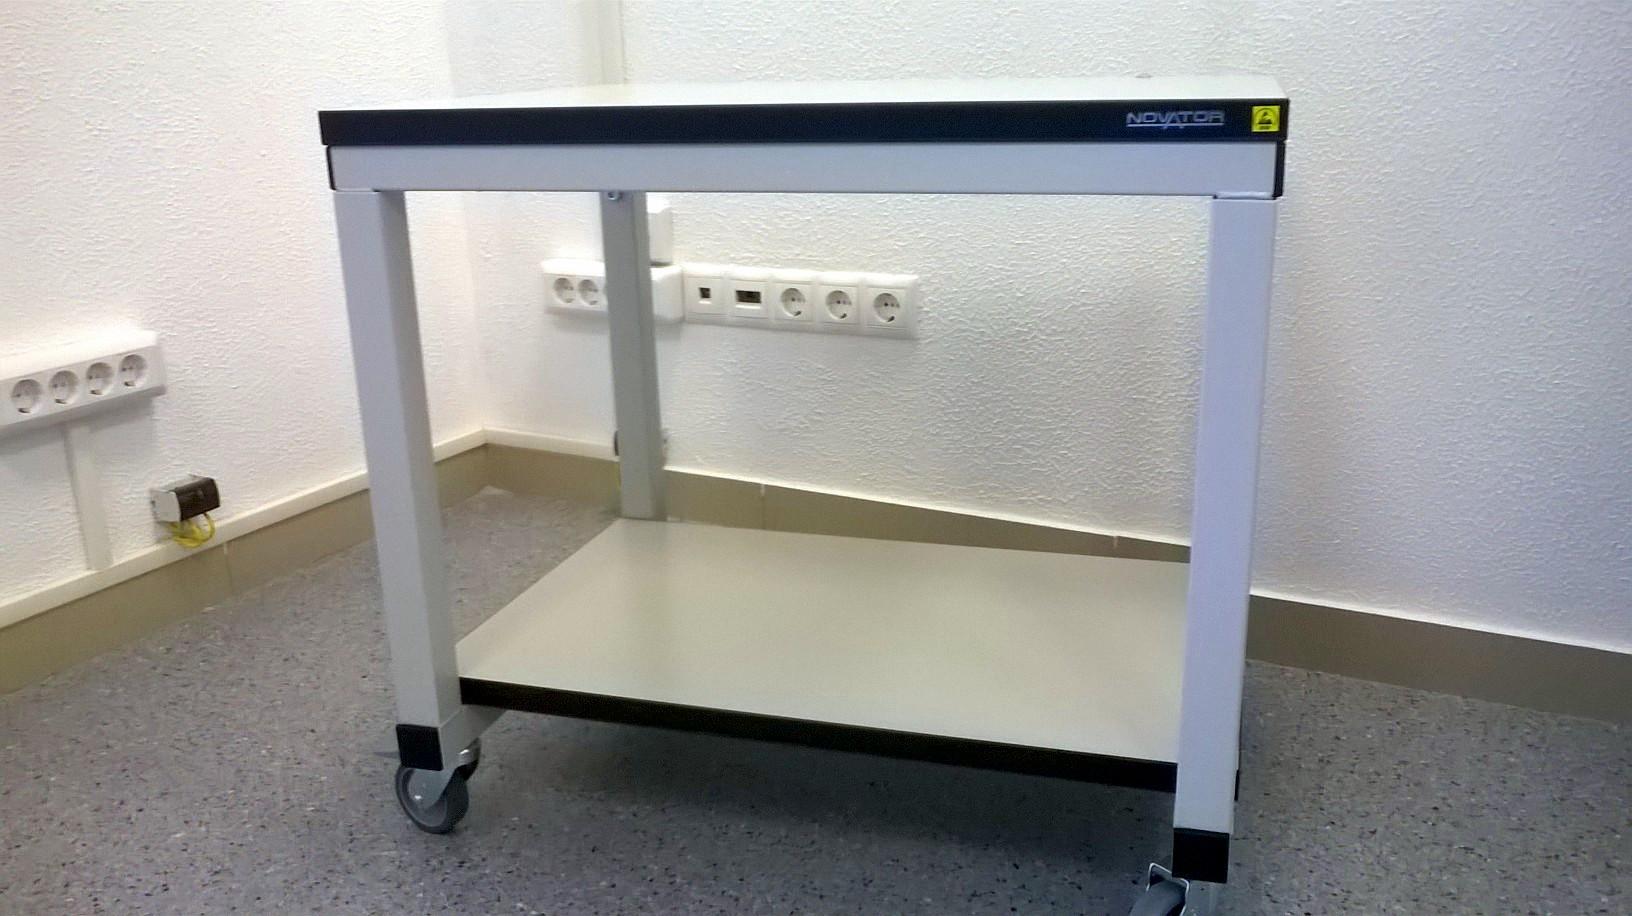 СмартКомплект поставляет подкатную мебель промышленную